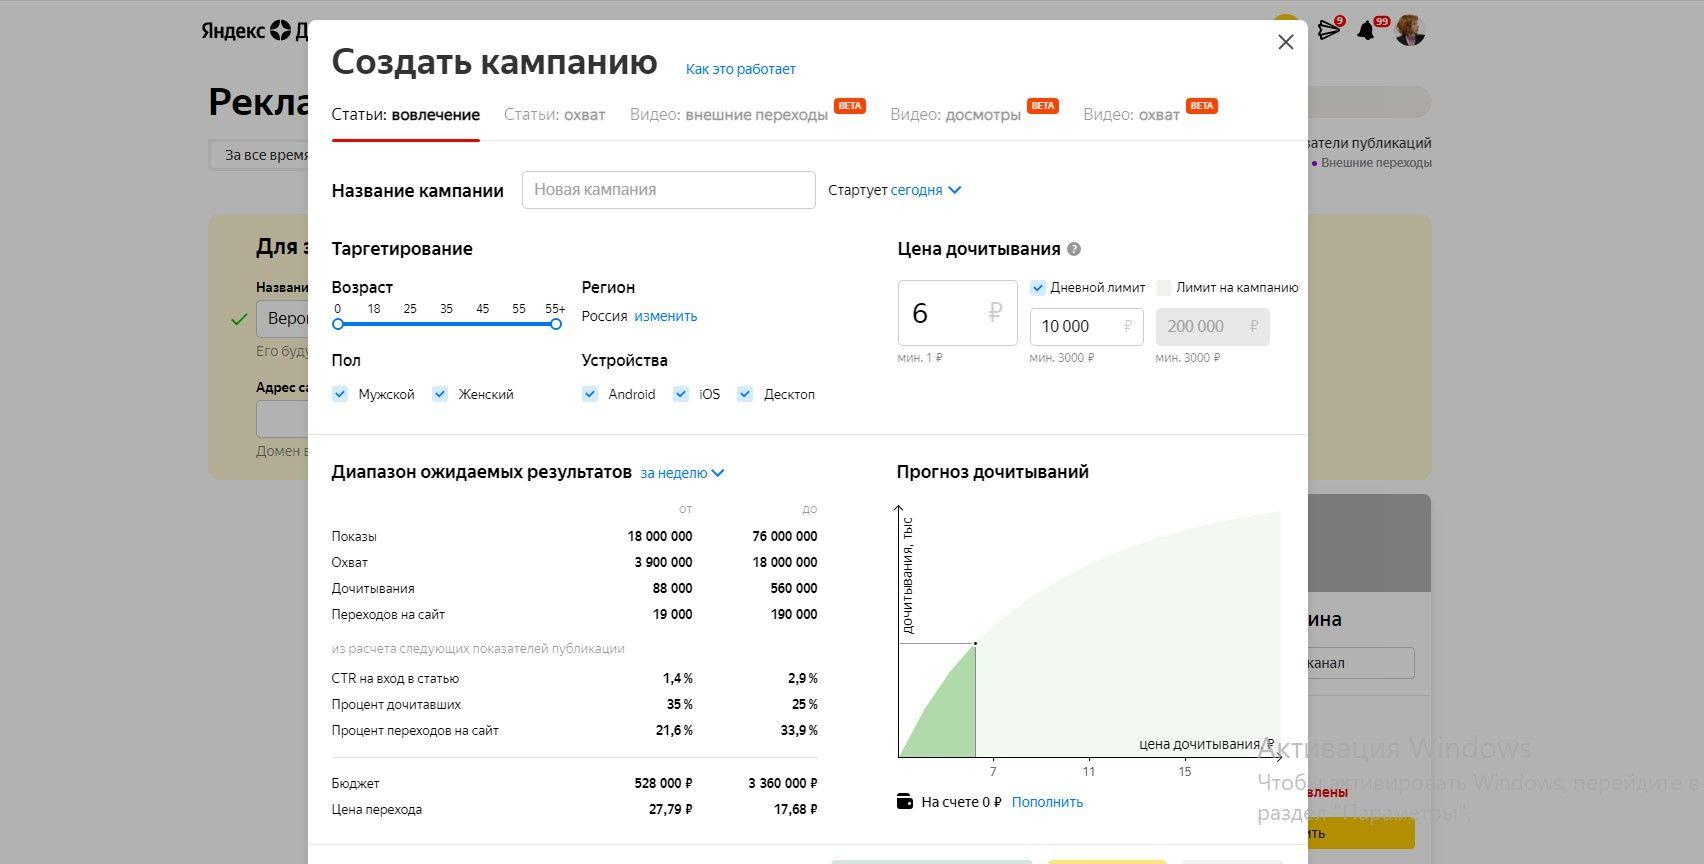 Так выглядит рекламный кабинет в Яндекс.Дзене